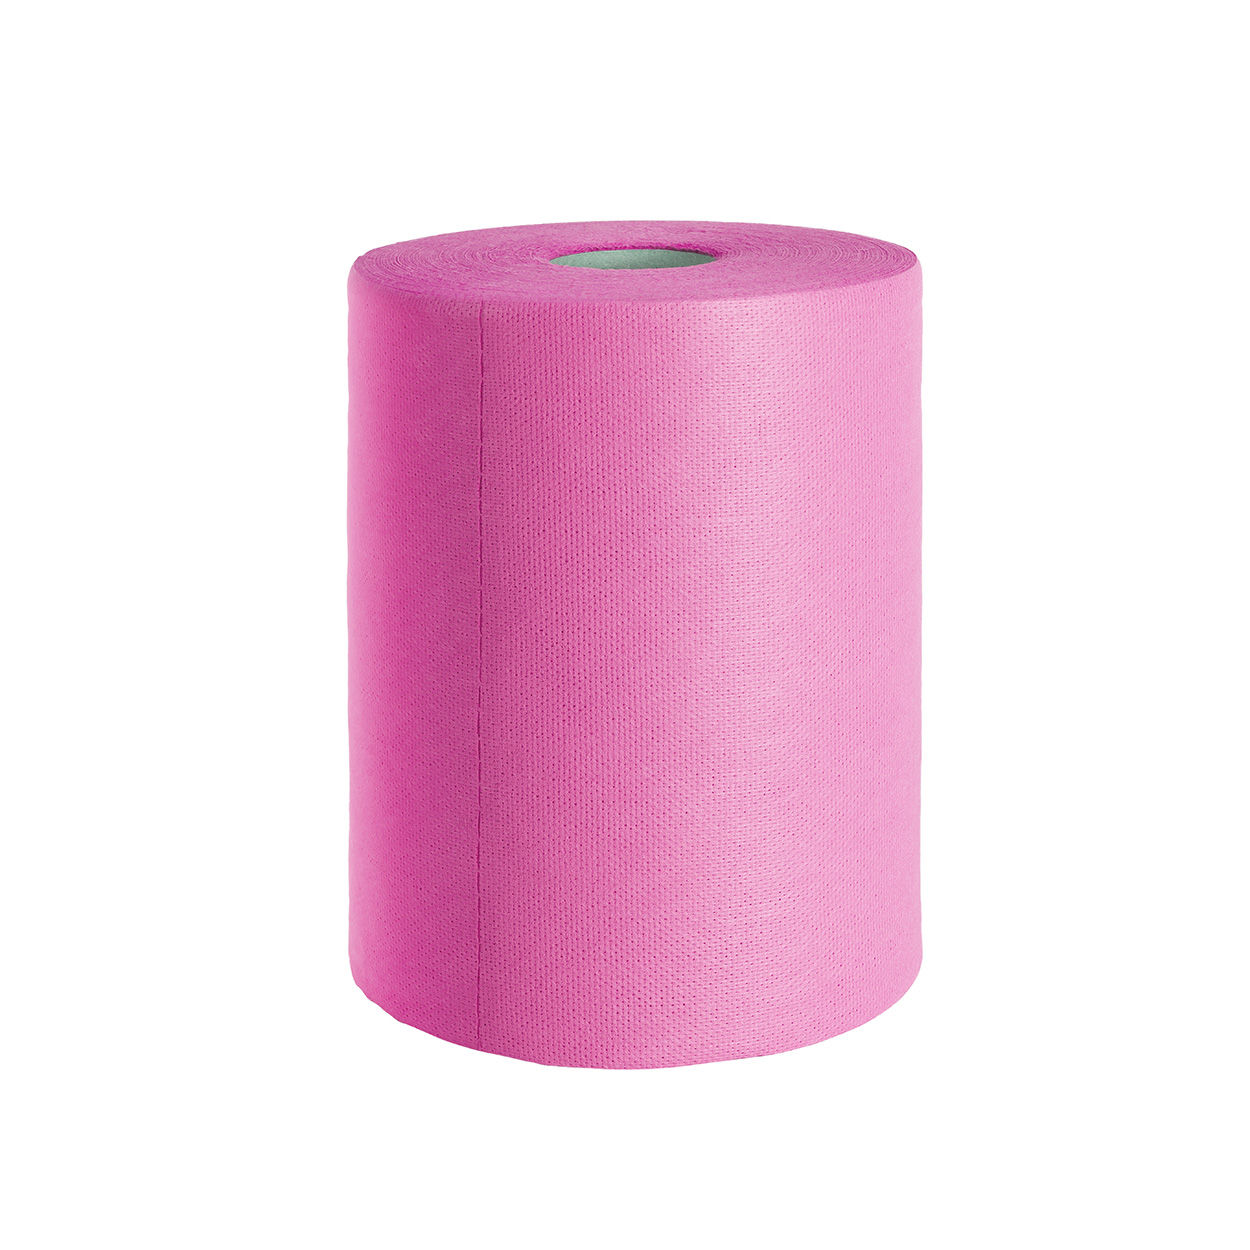 Barevná utěrka pro hrubé čištění - růžová